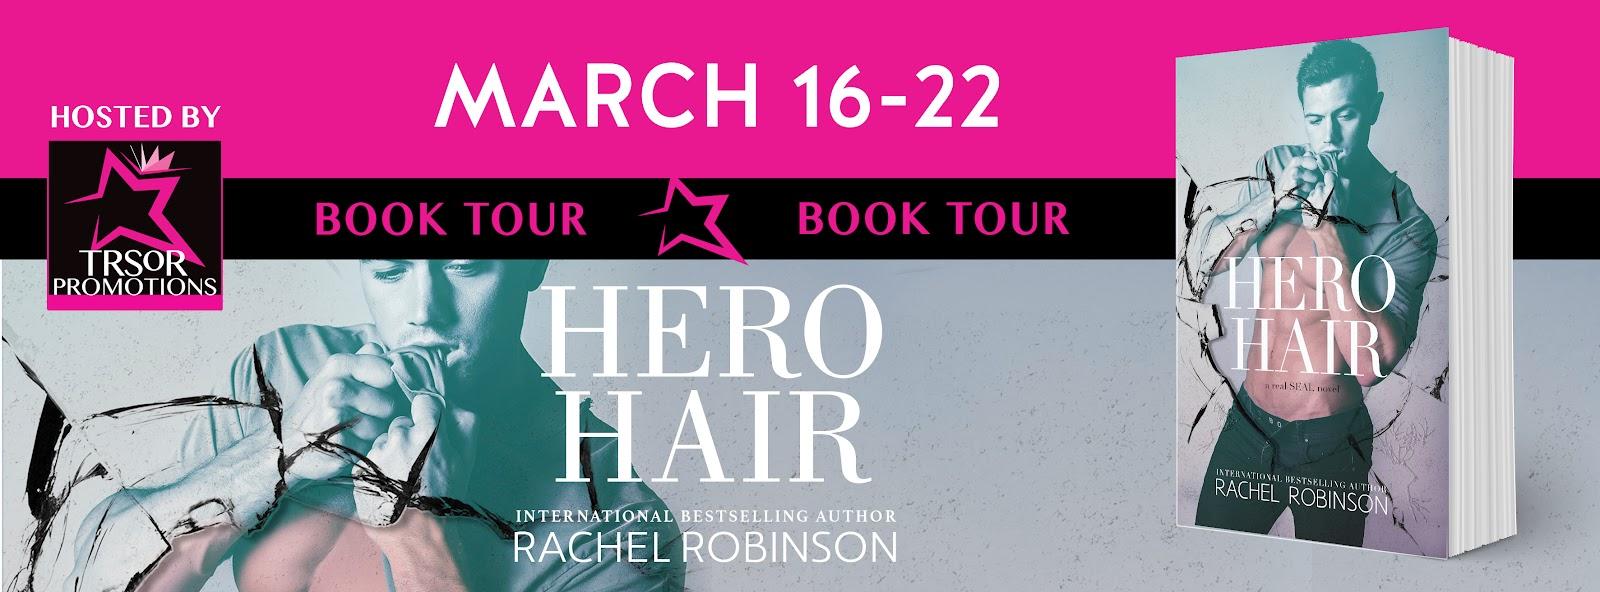 HERO_HAIR_BOOK_TOUR.jpg